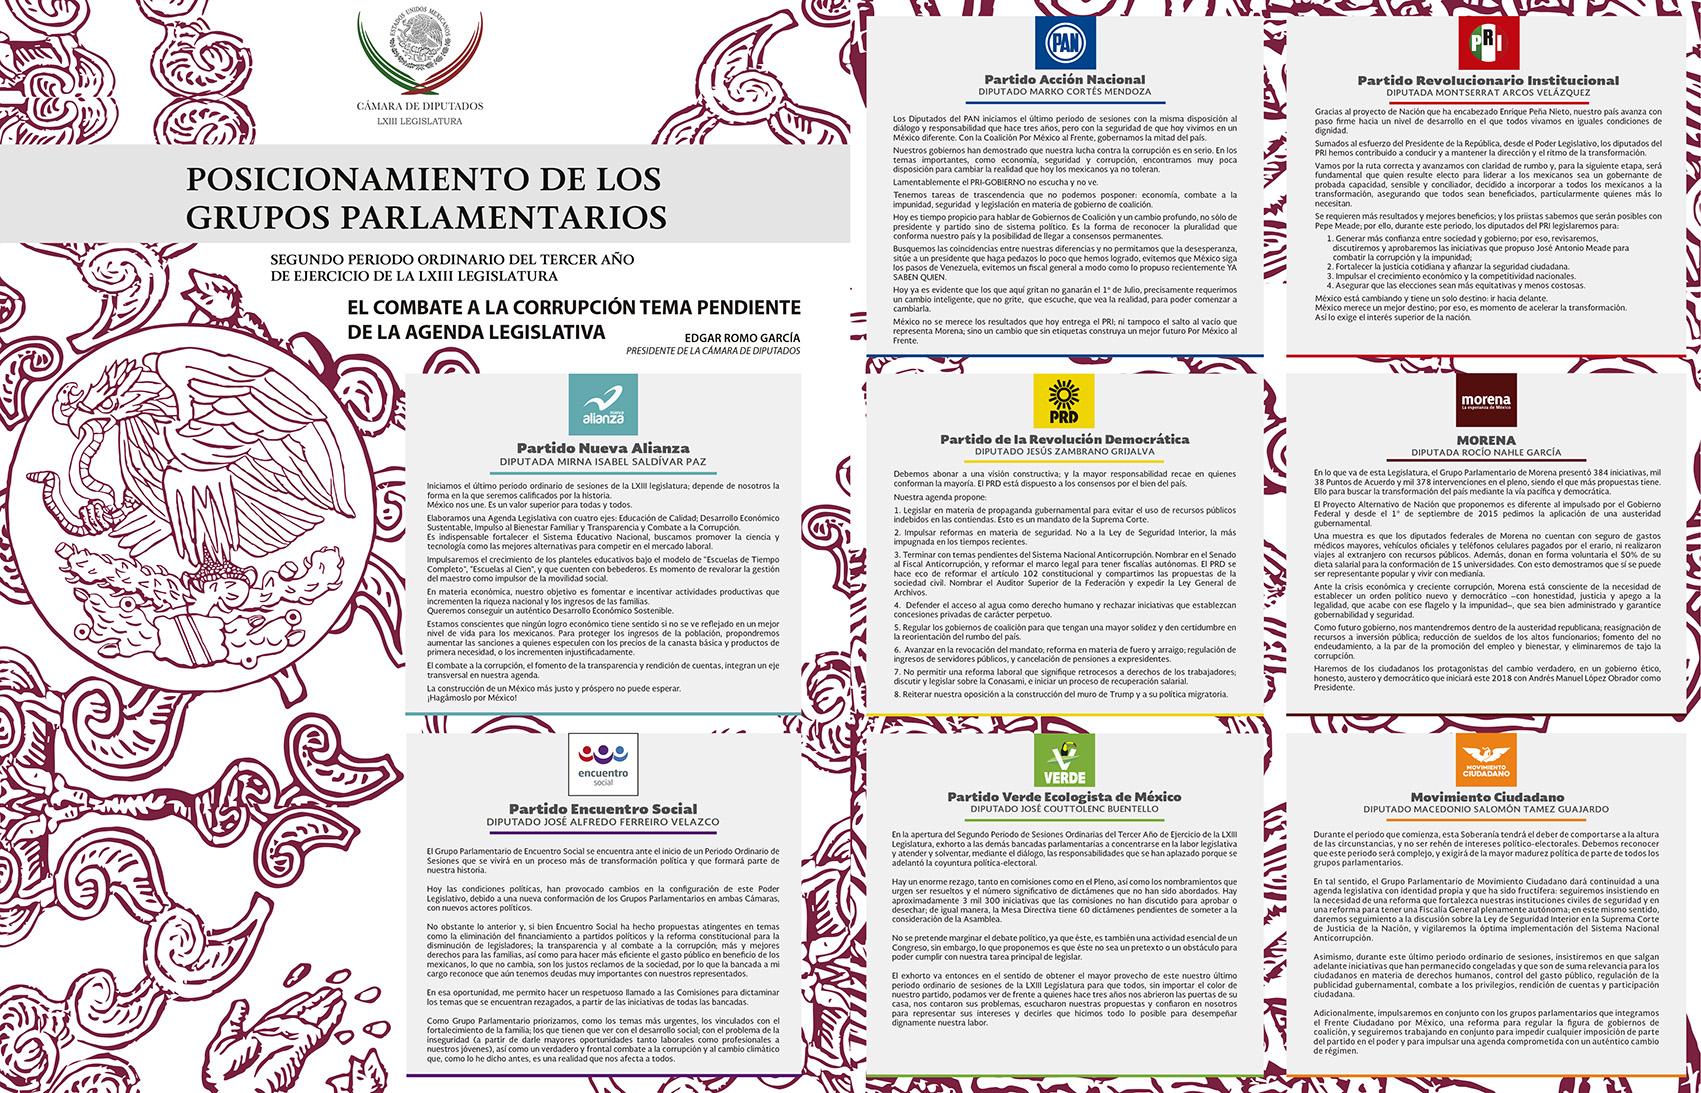 Photo of Posicionamiento de los Grupos Parlamentarios